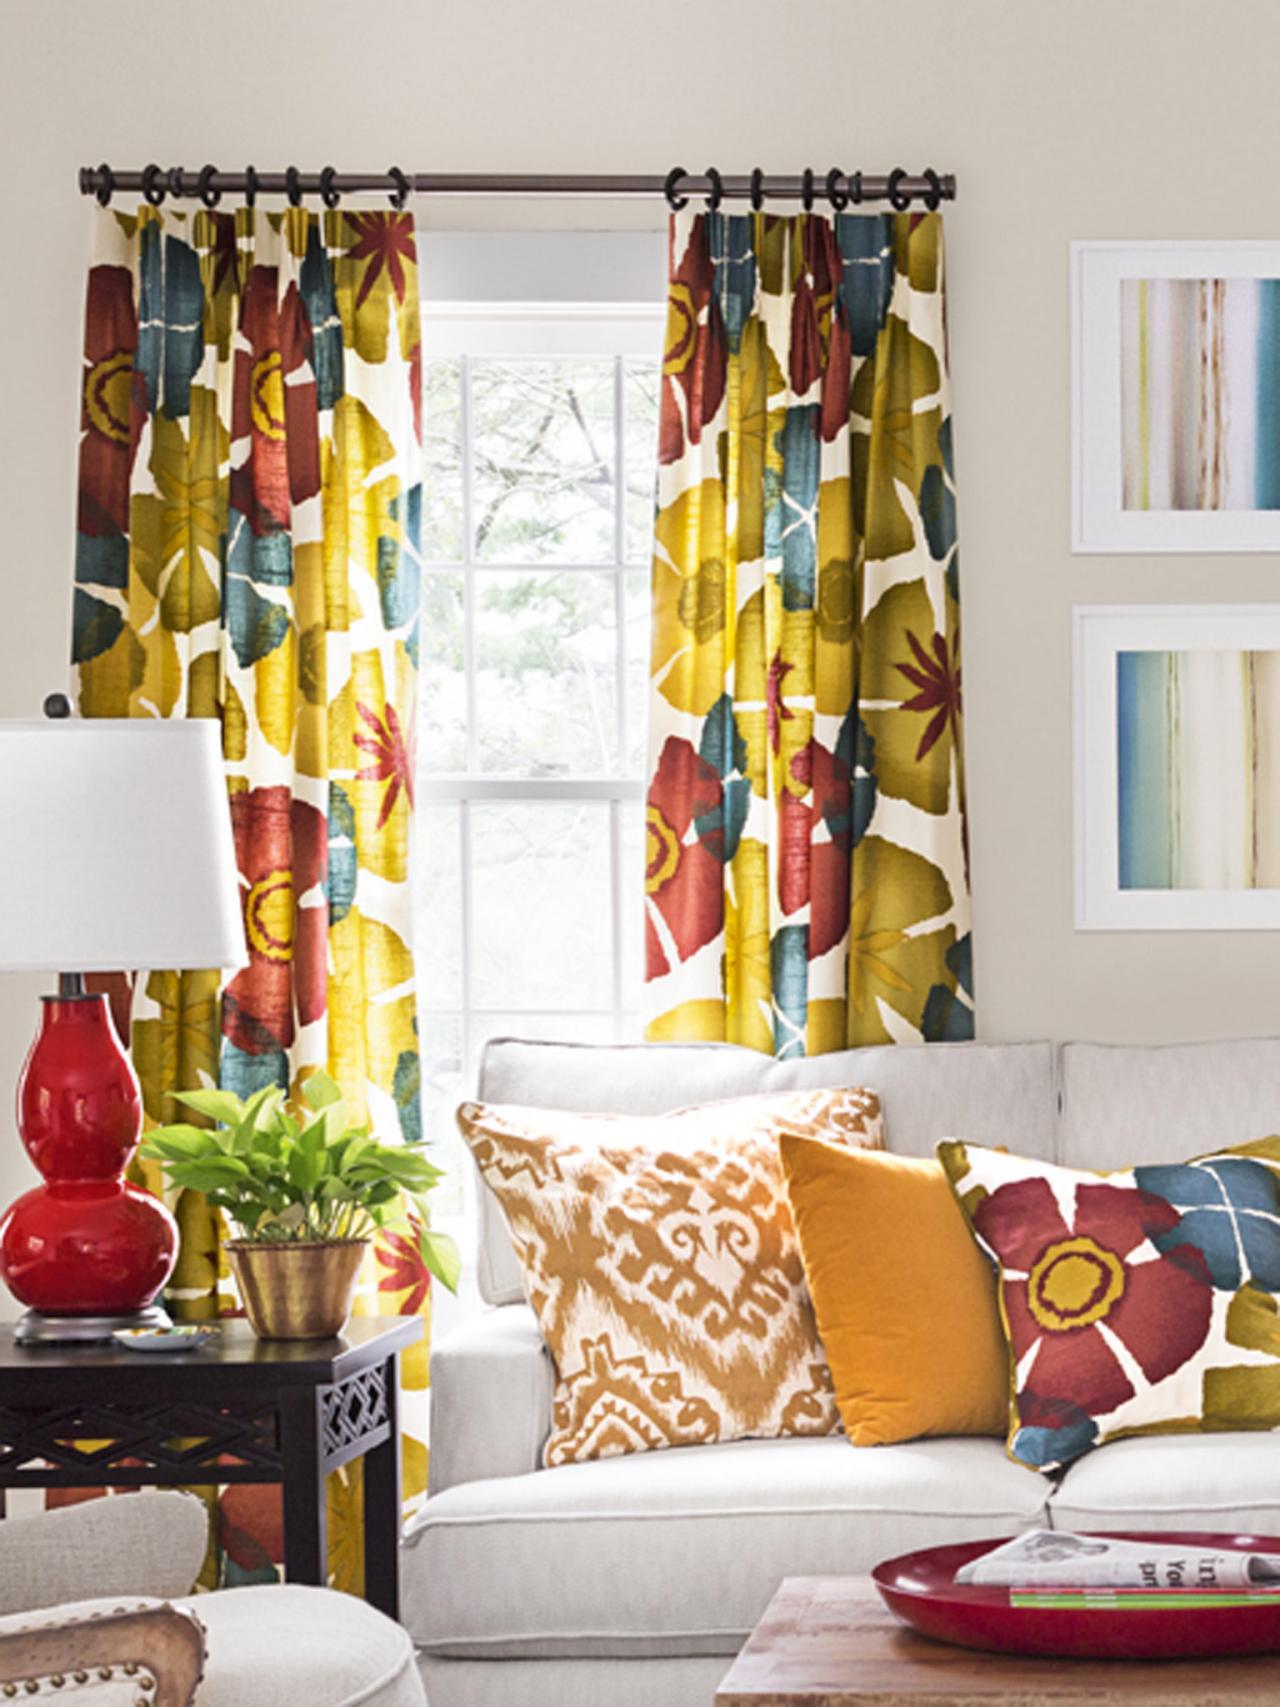 HGTV Stars Potluck Living Room